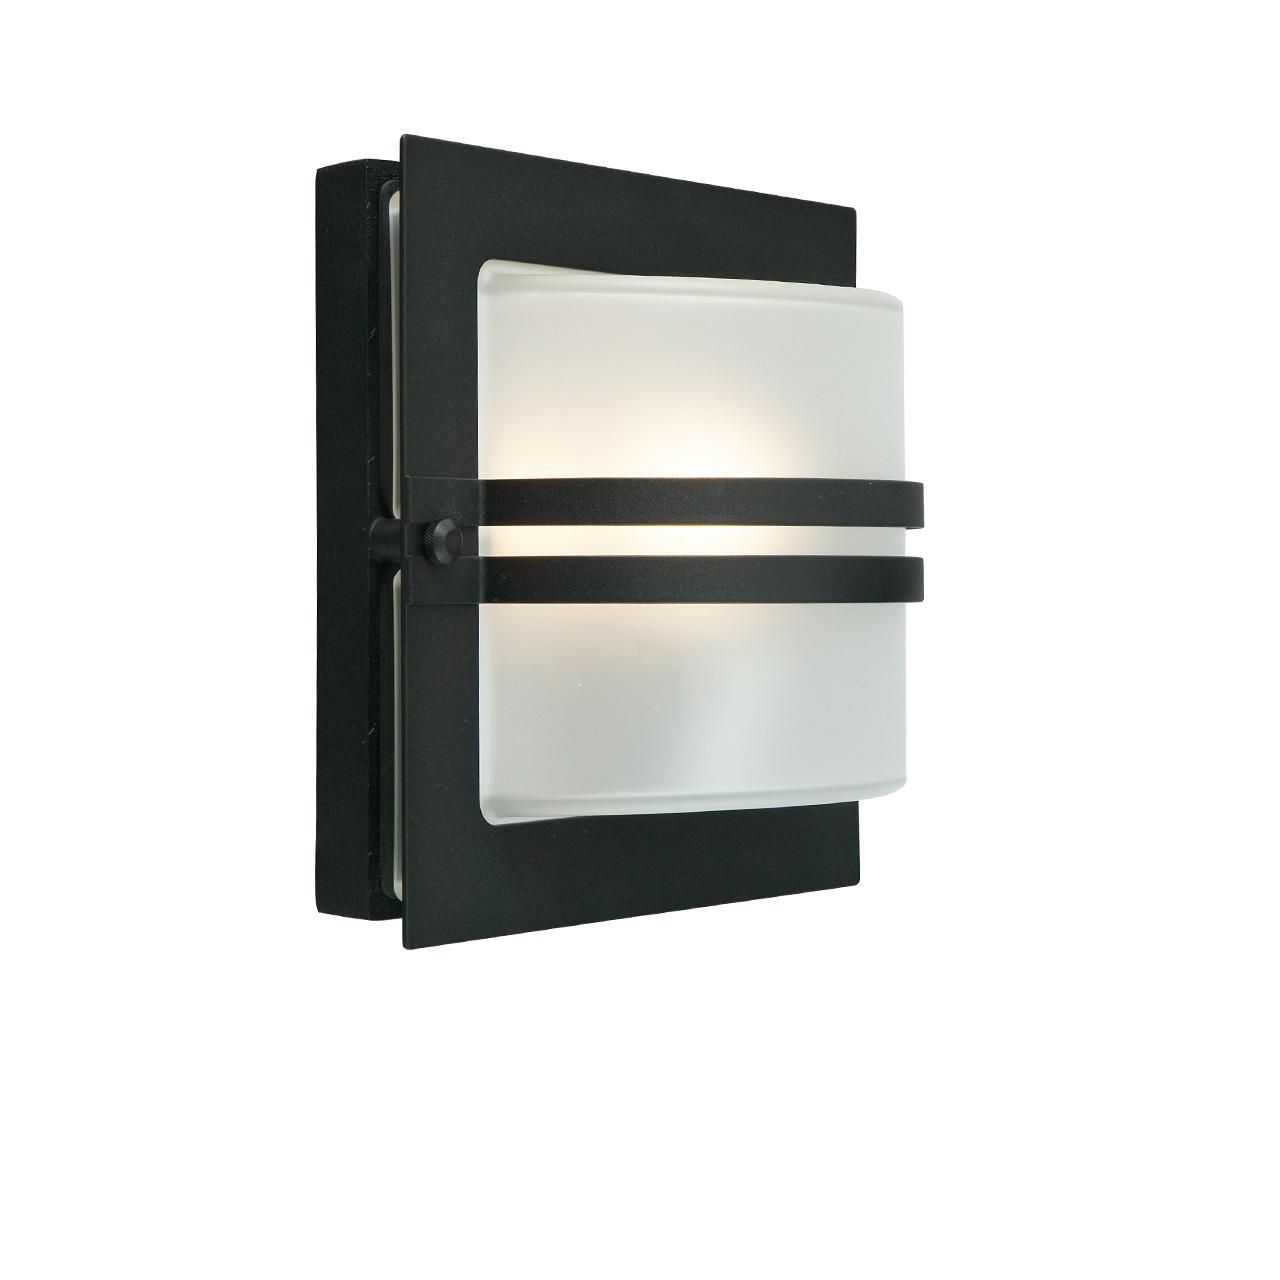 Lampa ścienna BERN LED 657B -Norlys  SPRAWDŹ RABATY  5-10-15-20 % w koszyku